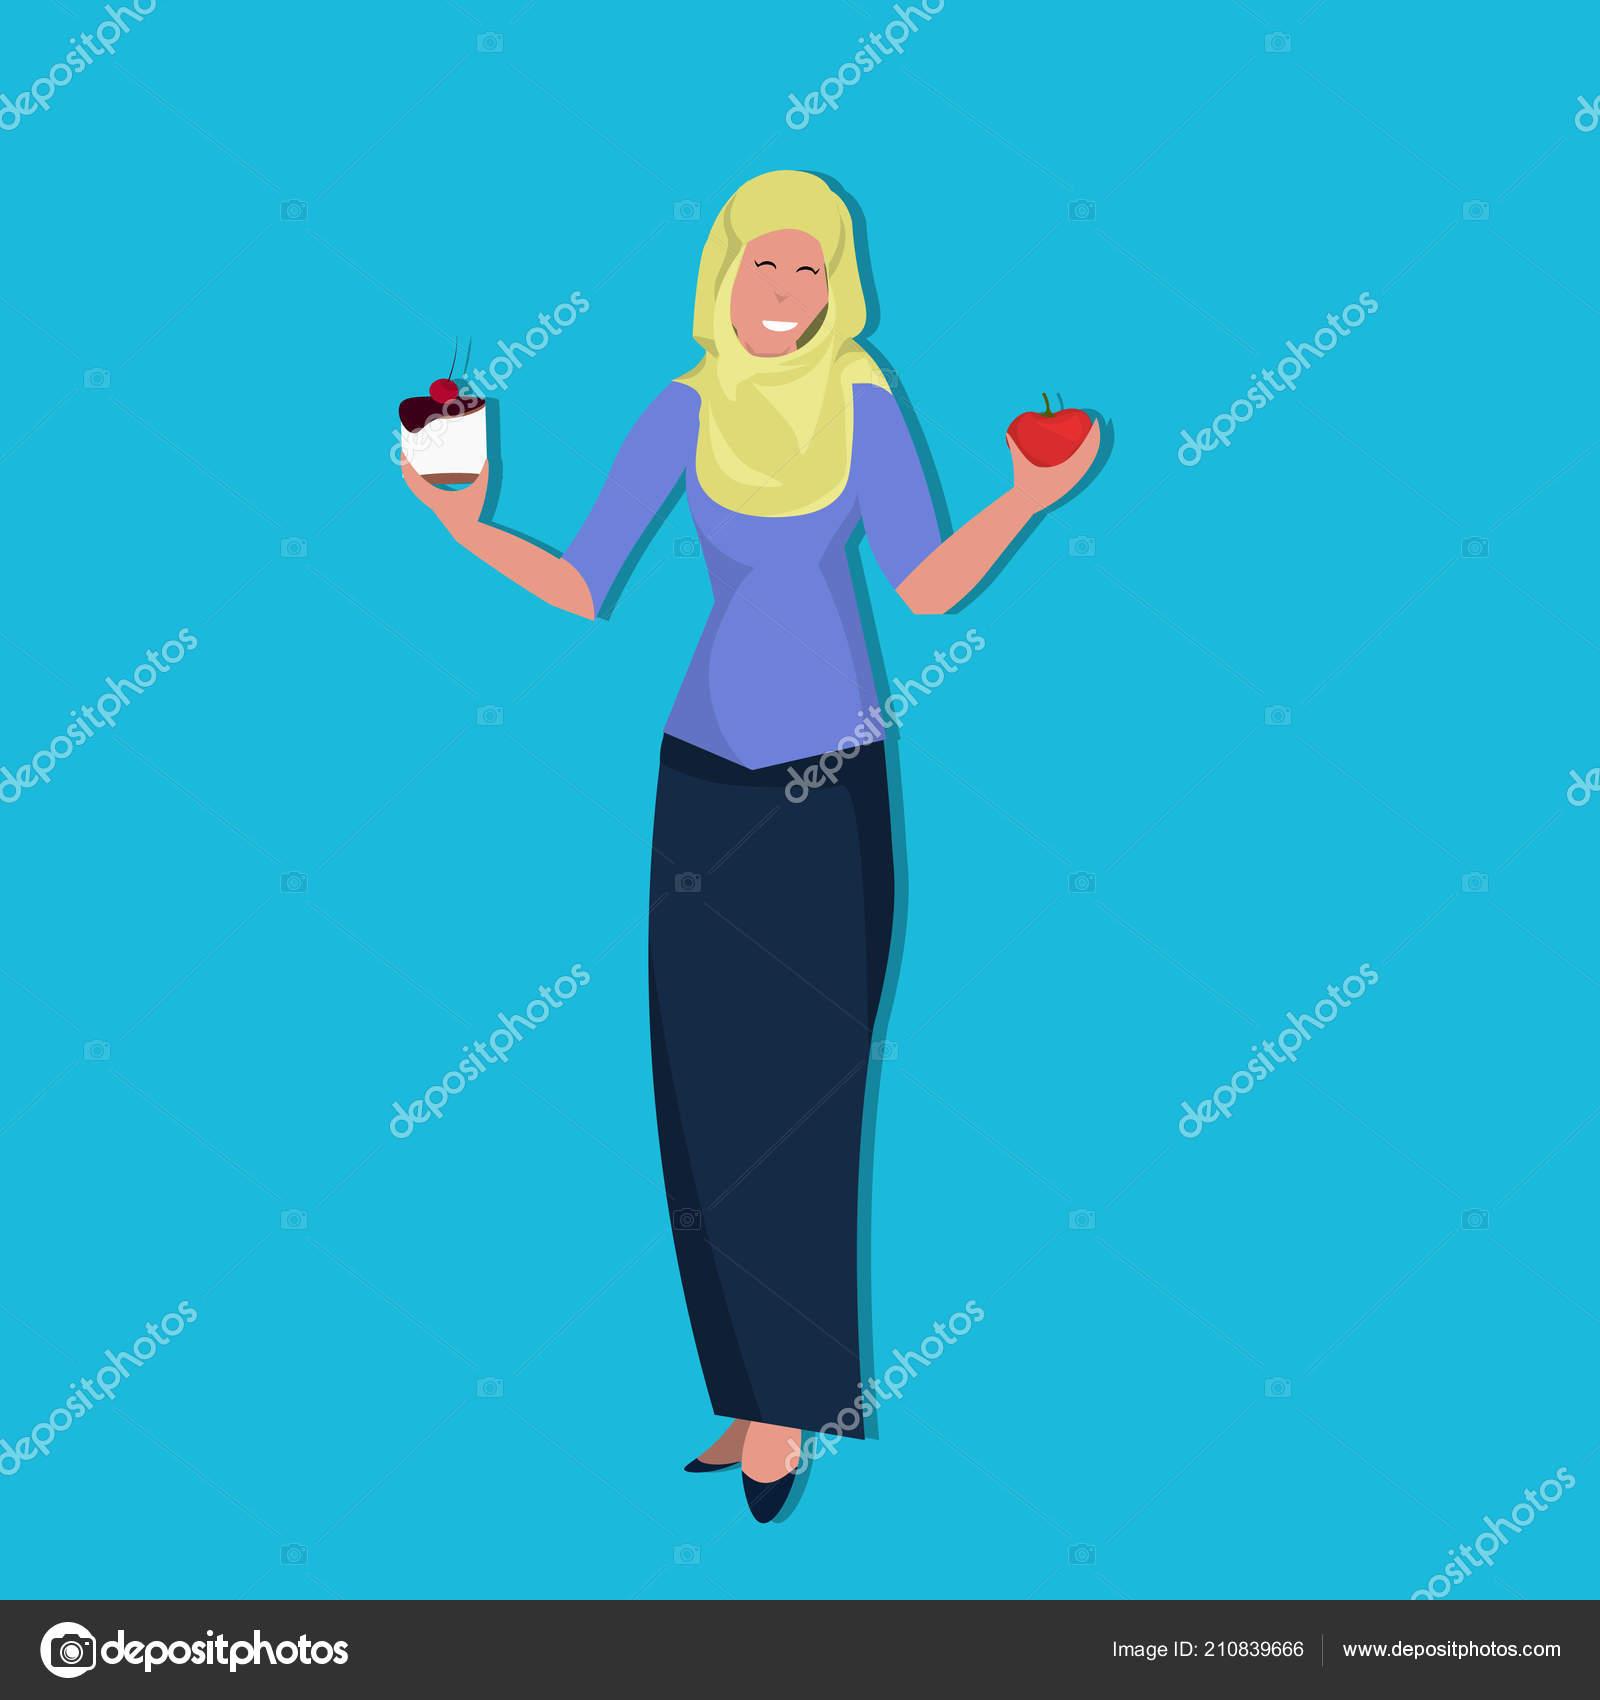 🚩 арабская диета фото закруглённое lucretiausa. Cf.